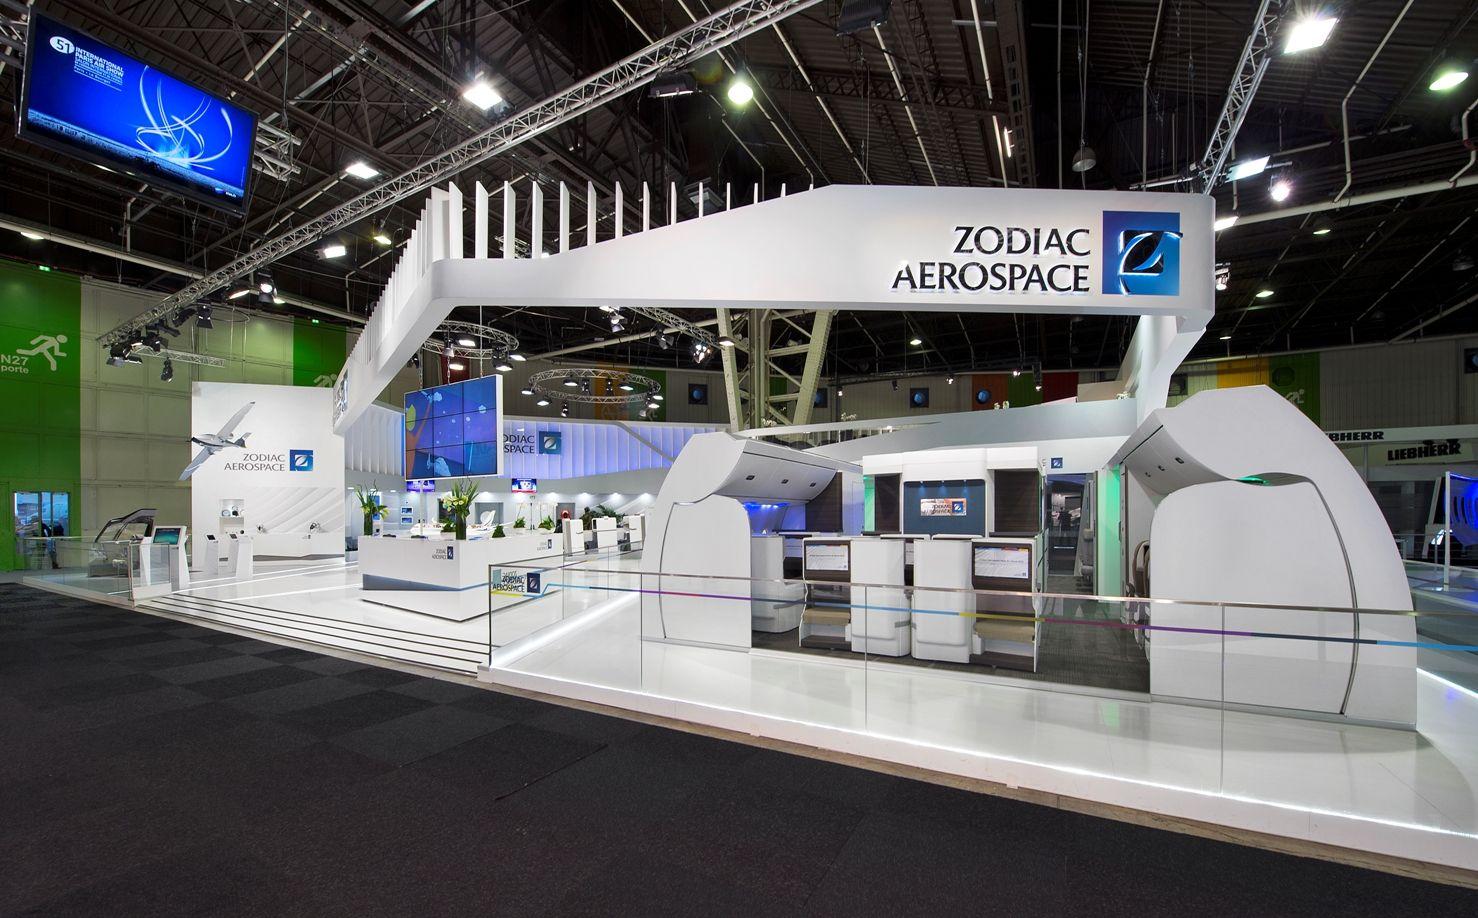 Le salon international de l 39 a ronautique et de l 39 espace - Salon international de l aeronautique et de l espace ...